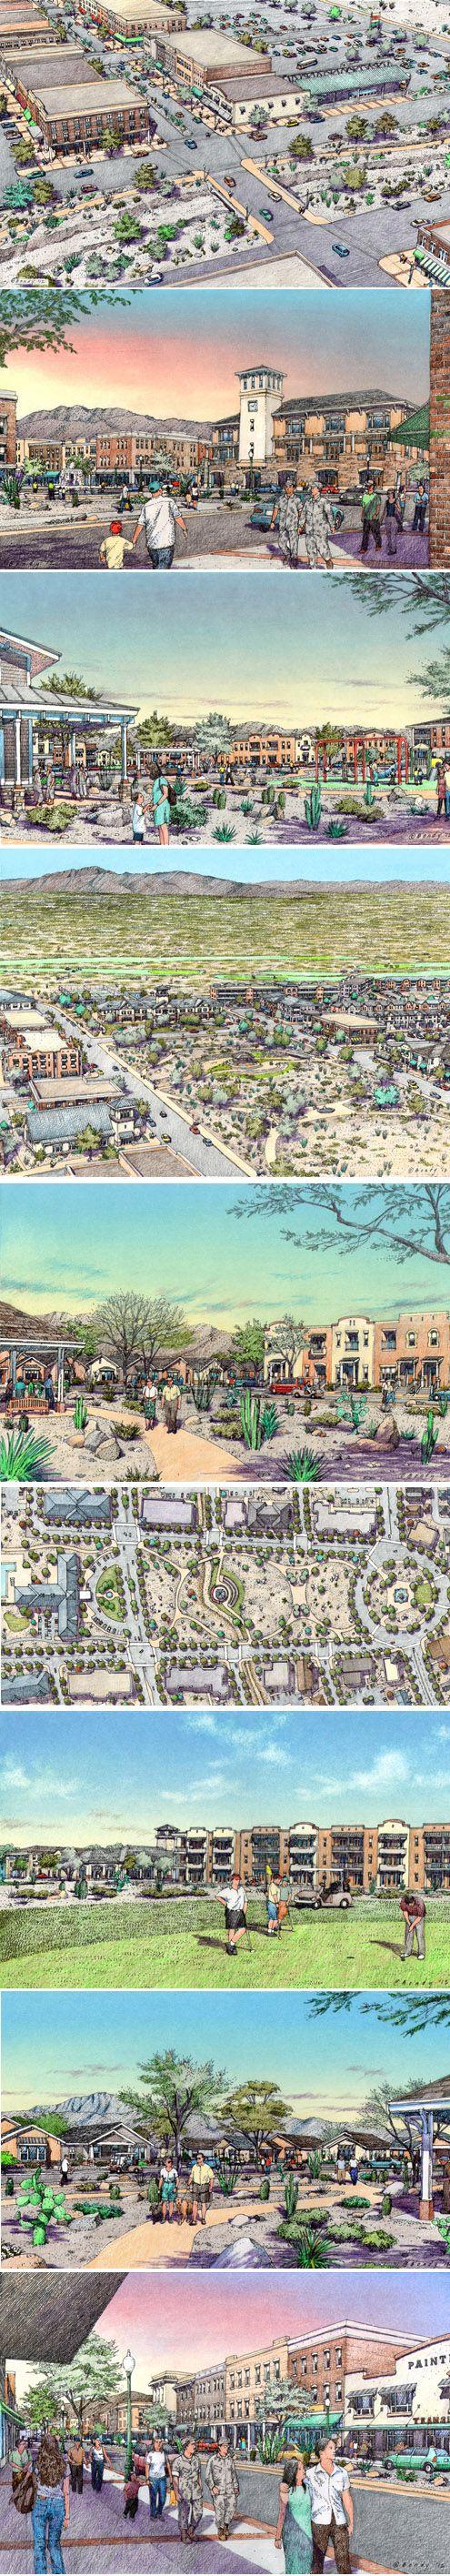 Urban Planning Rendering for El Paso, TX.  URS Corporation.  Renderings by Bondy Studio.